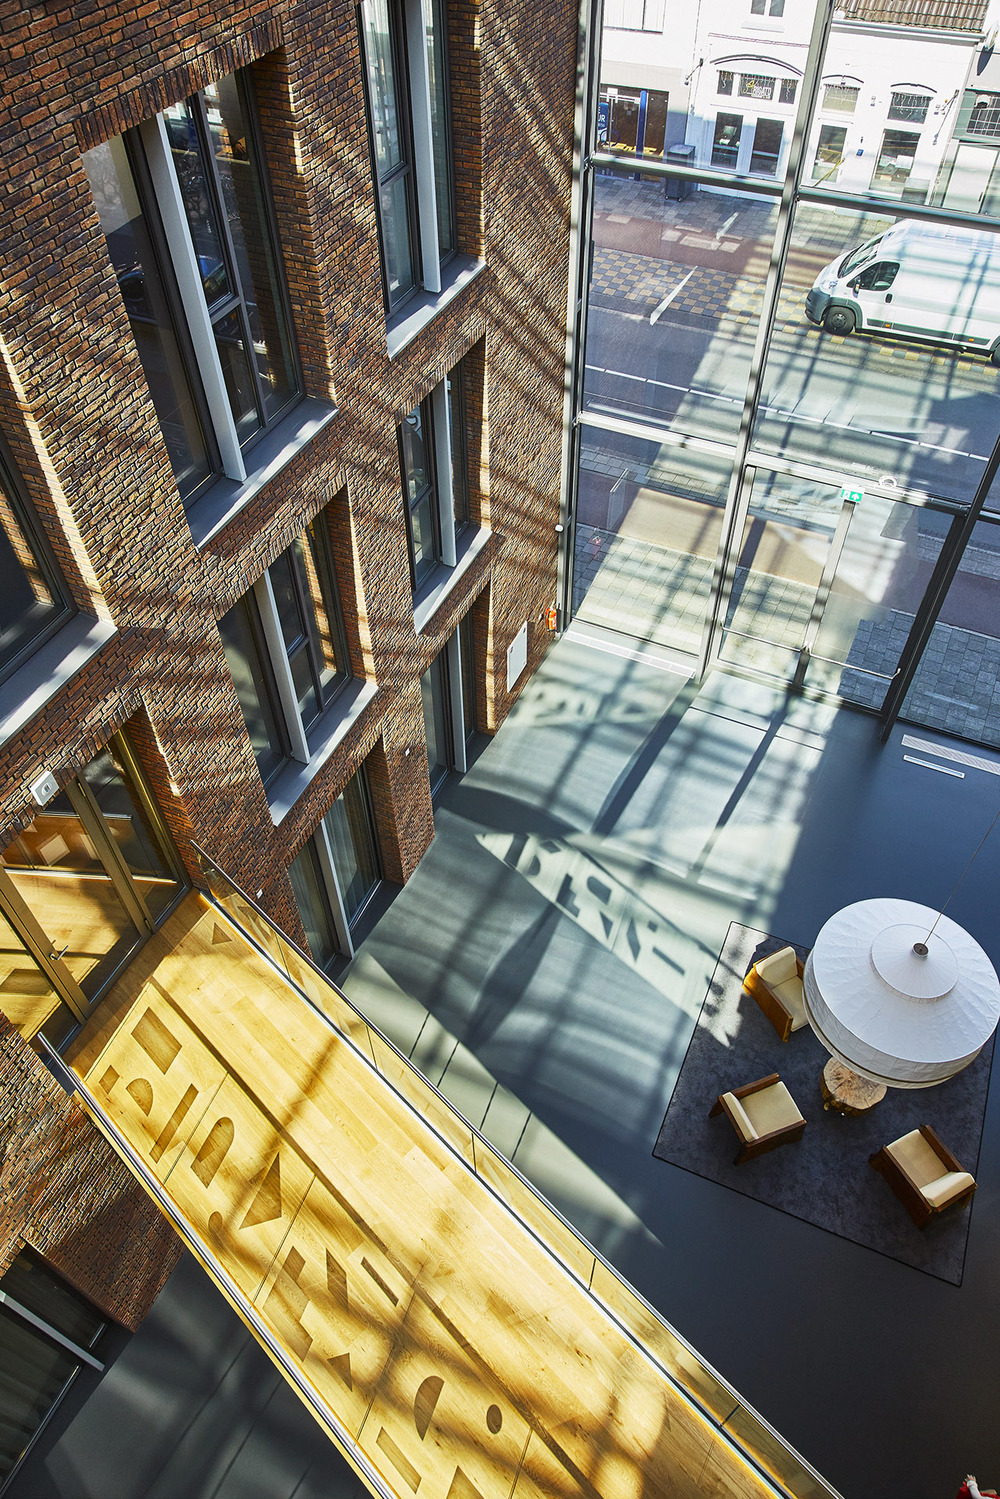 Woonbedrijf Eindhoven, interior design by Van Eijk & Van der Lubbe, photo: Rene van der Hulst i.s.m. Studio Boot